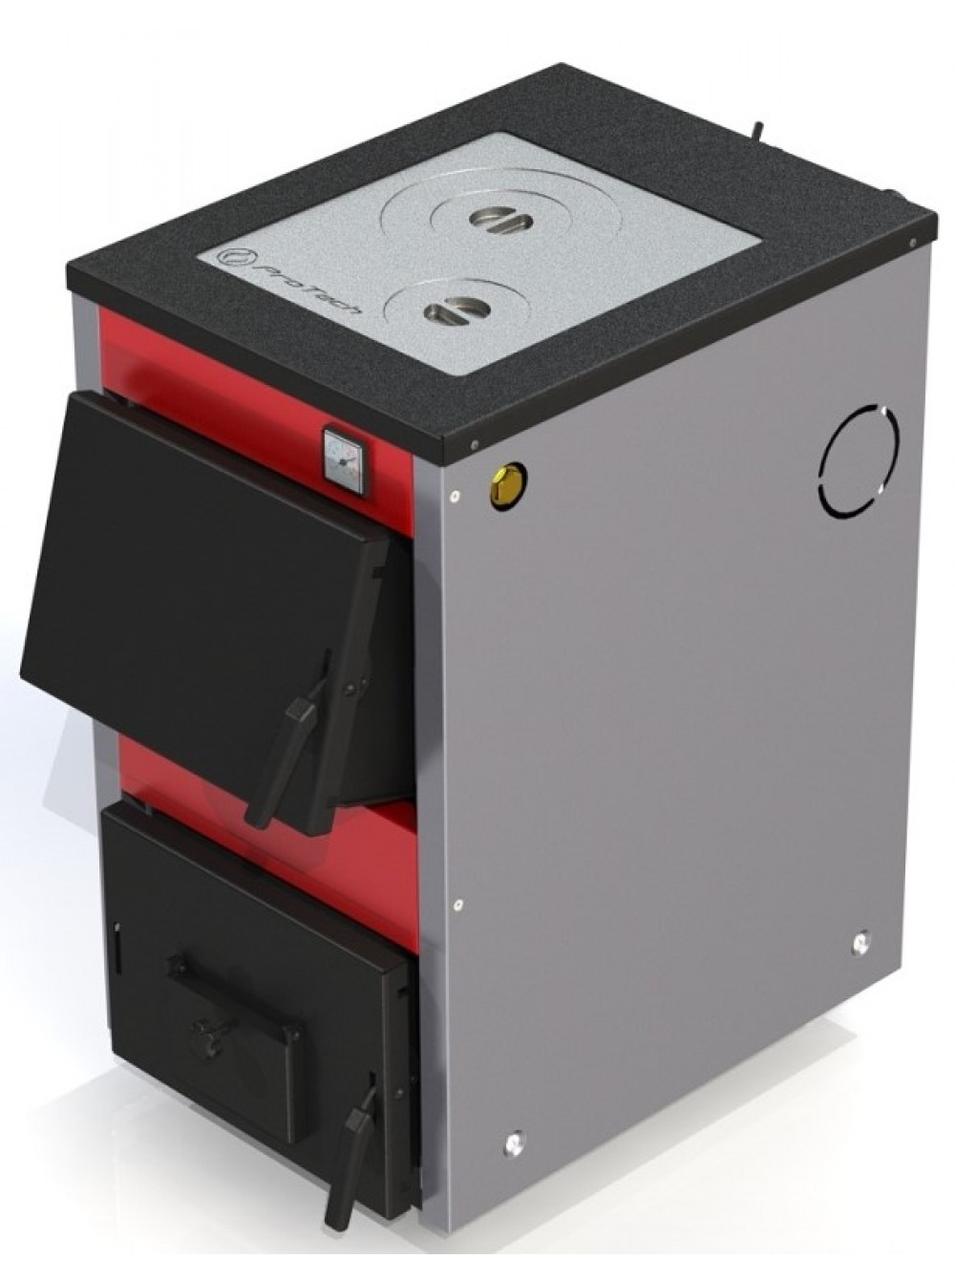 Твердотопливный котел ProTech D Luxe ТТП-12 кВт с варочной поверхностью (рабочей цикл от 8 до 16 ч.)